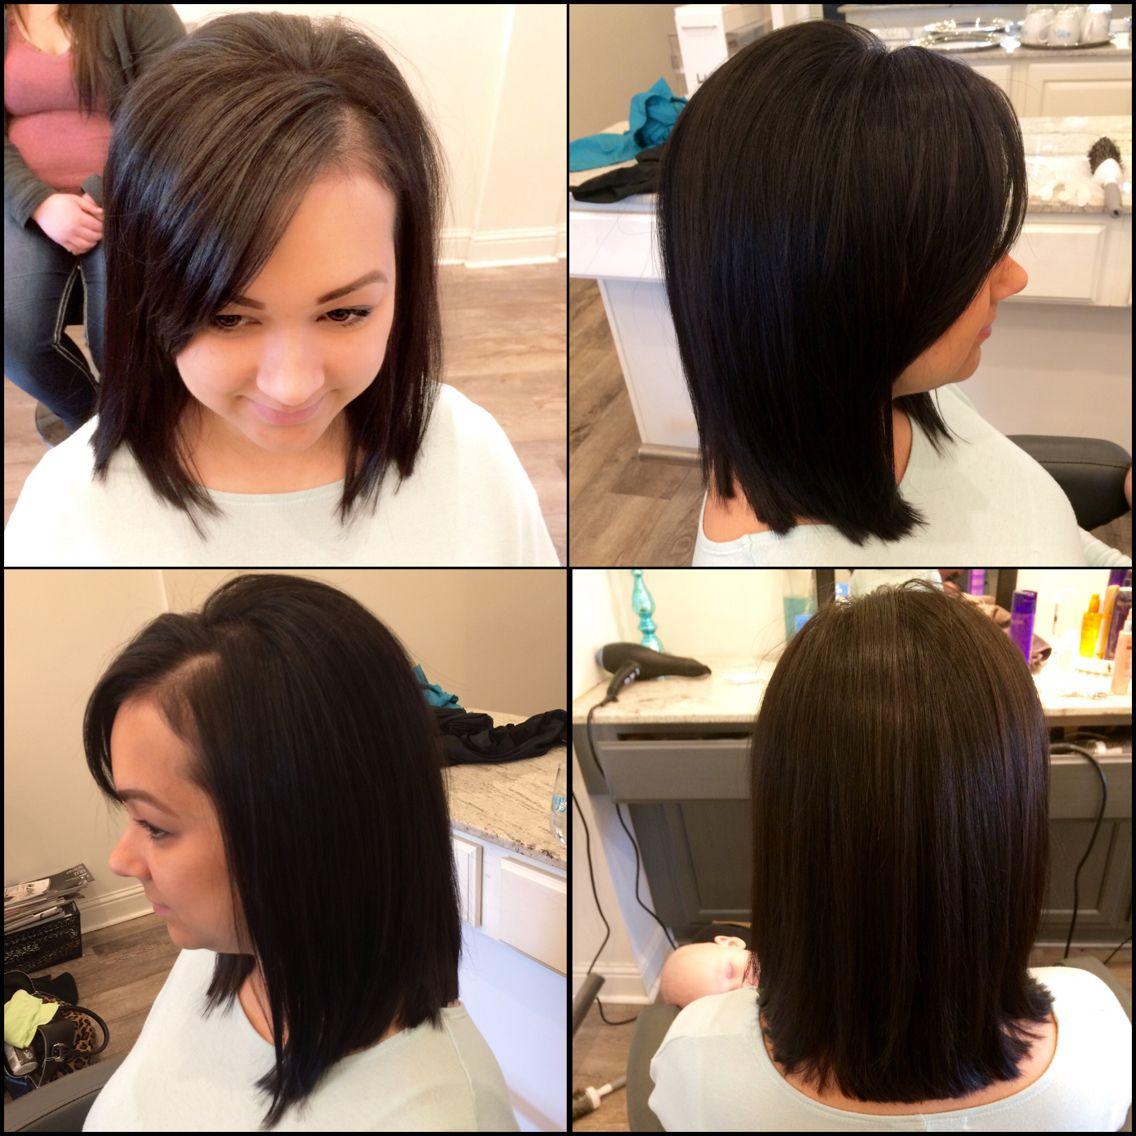 lob. long bob. swoop bang. long layers. medium to short hair cut